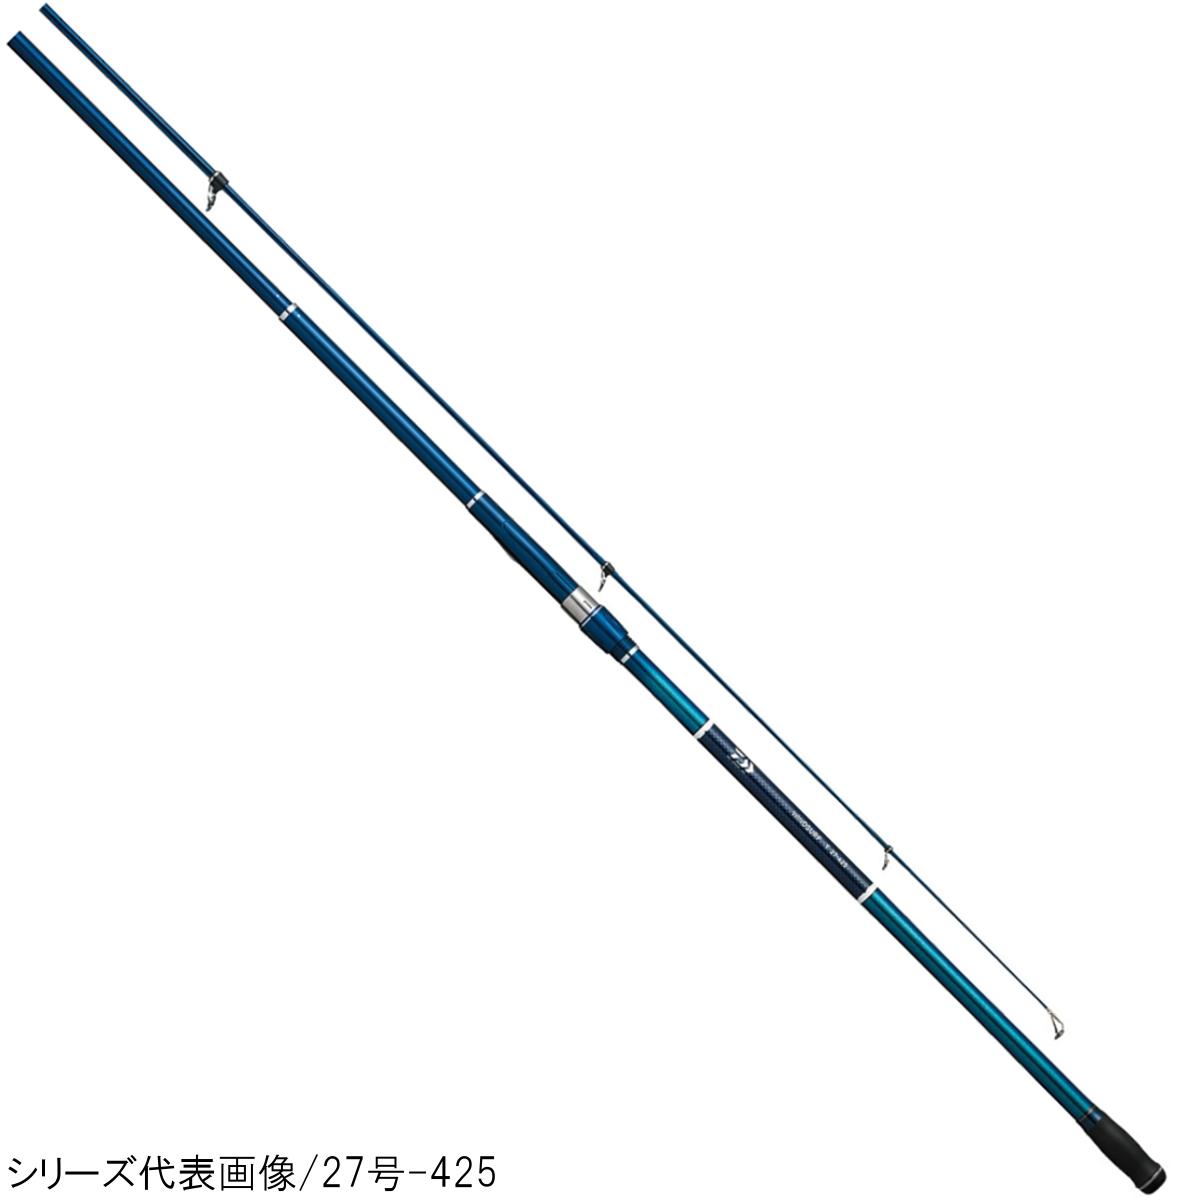 ダイワ ウィンドサーフ T 30号-405(東日本店)